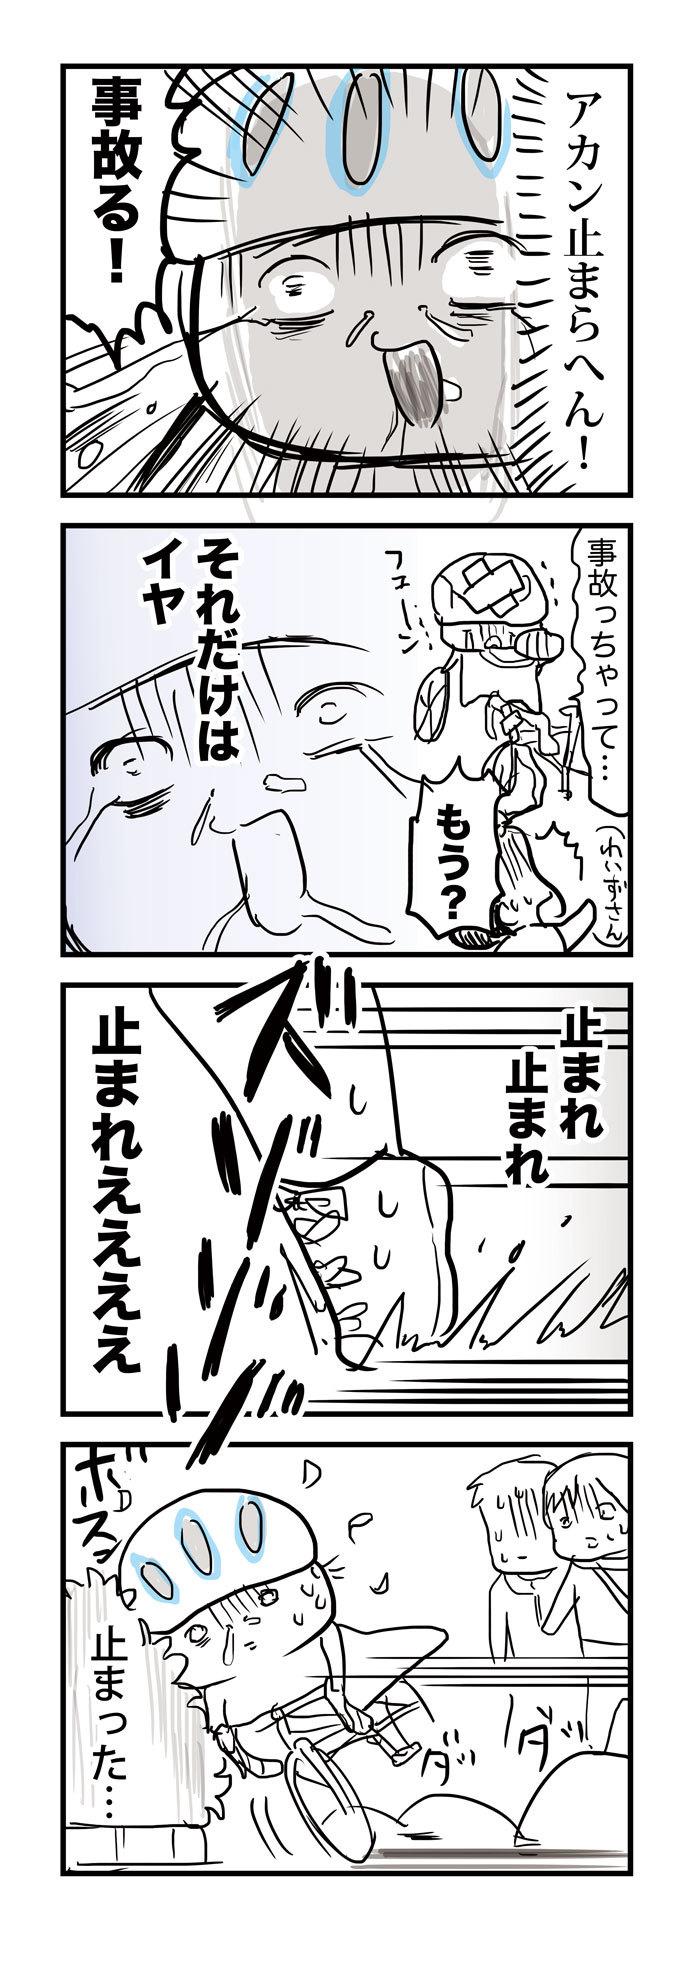 29_3 九死に一生